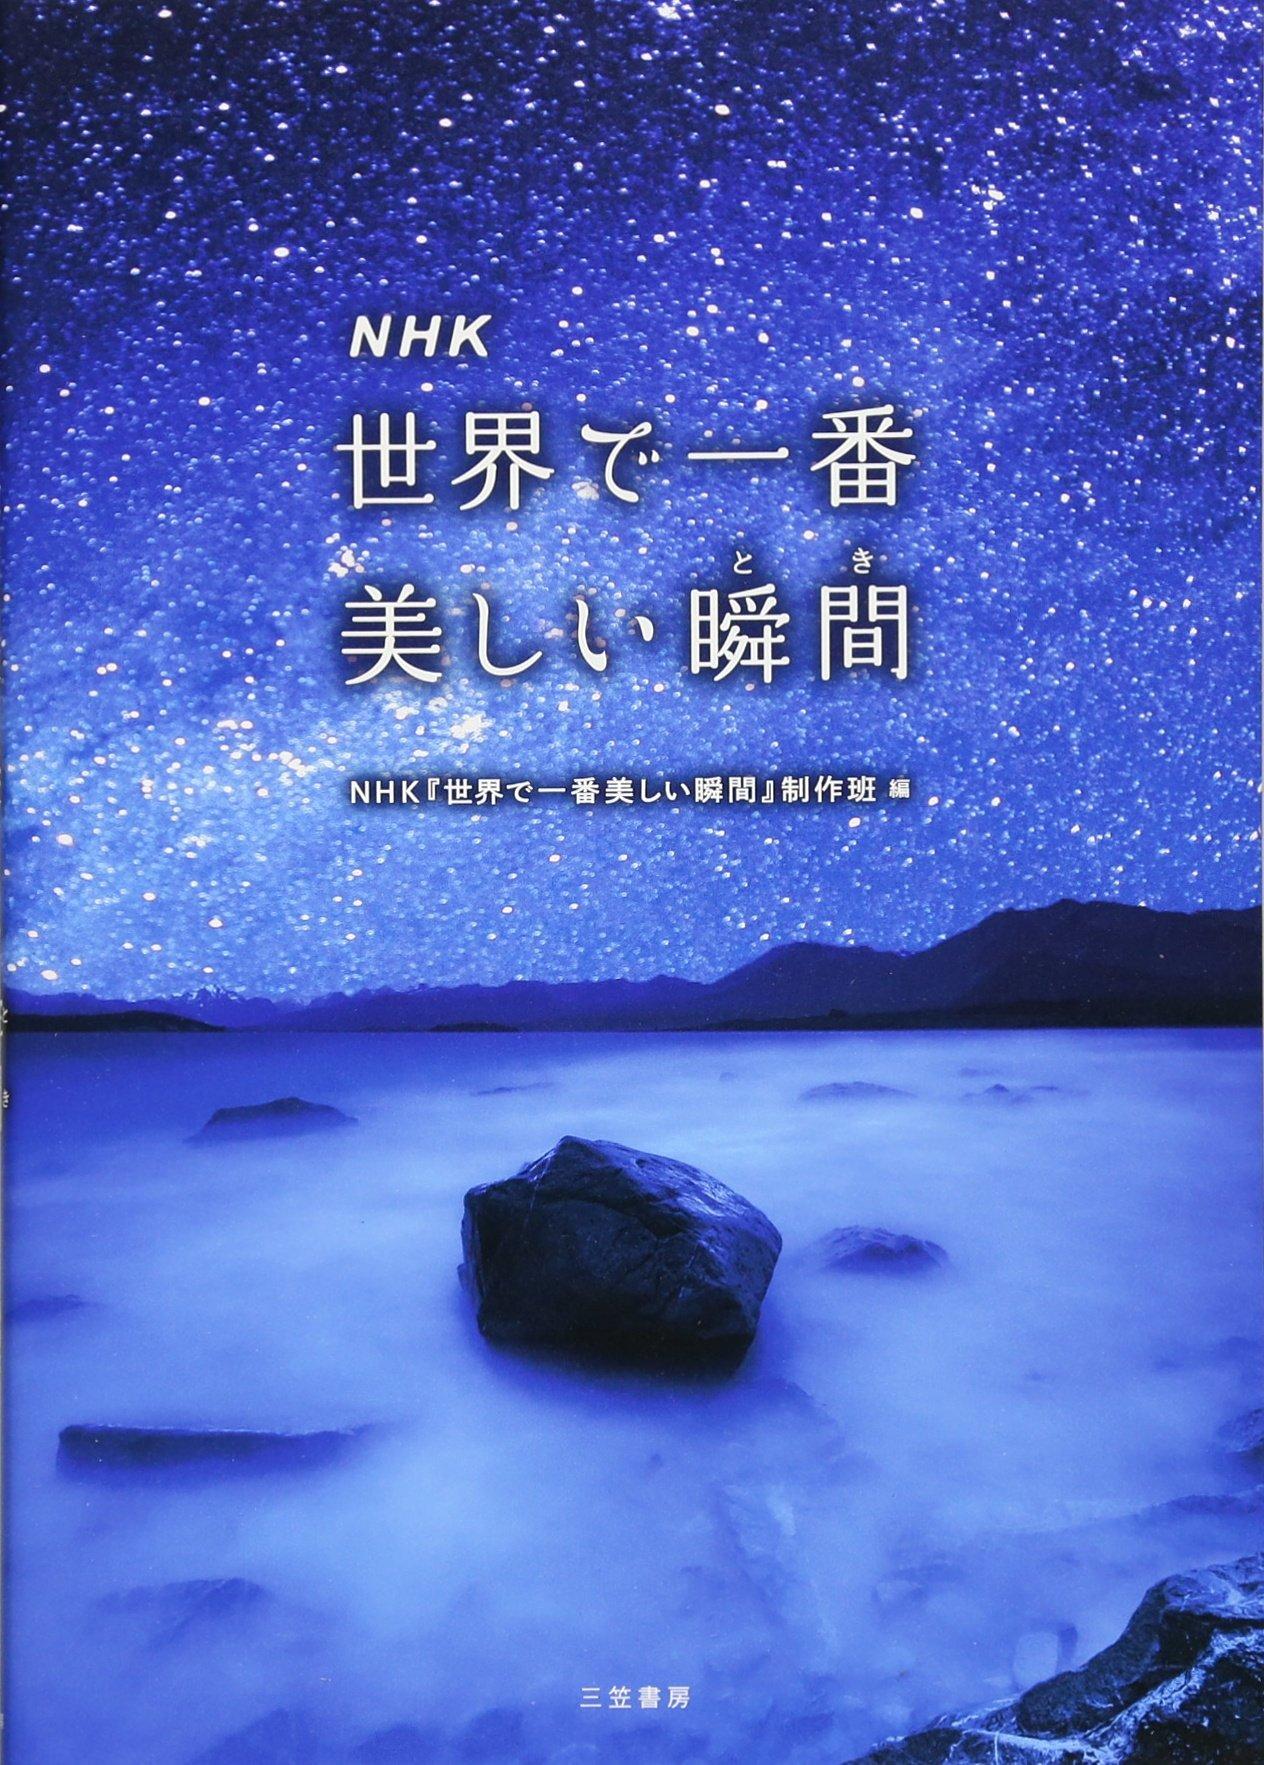 NHK 世界で一番美しい瞬間 (単行本) | NHK『世界で一番美しい瞬間 ...